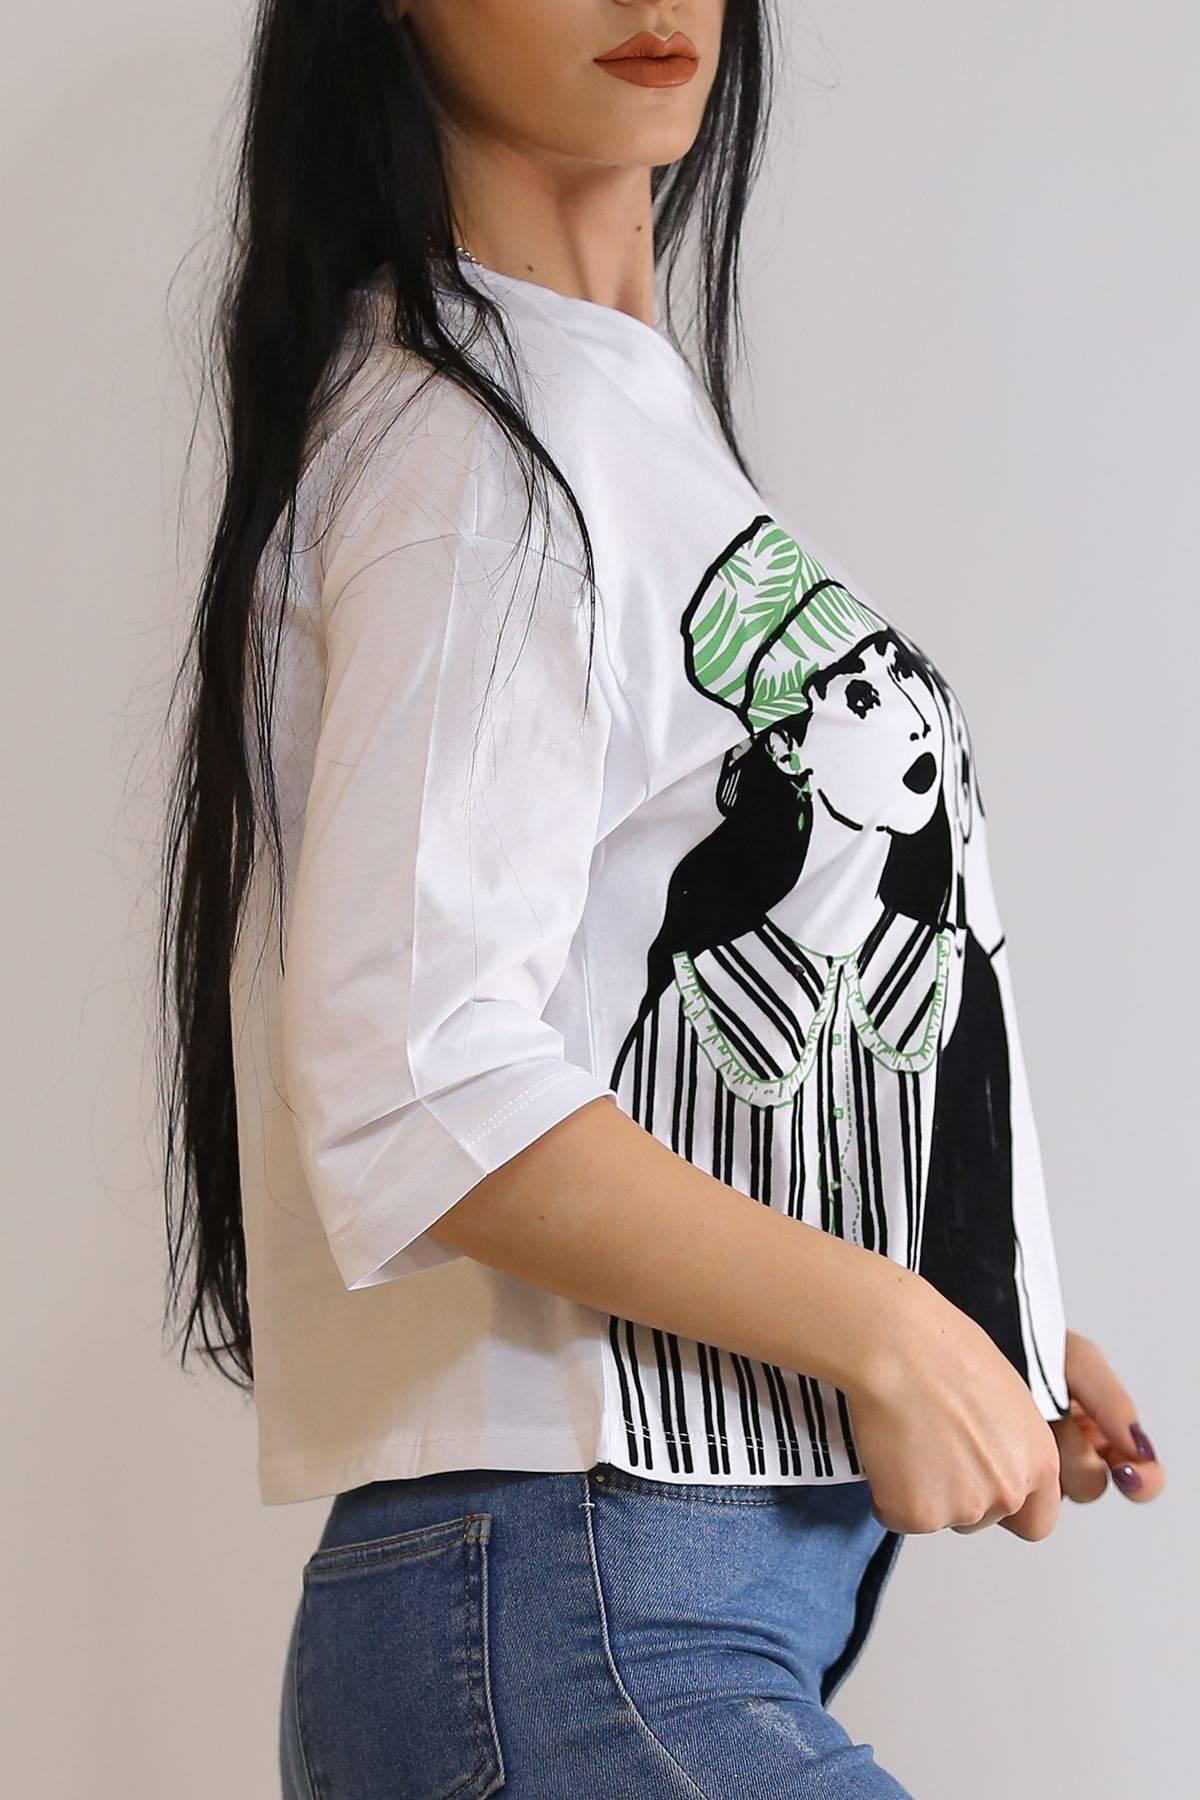 Kadife Kız Baskılı Tişört Beyaz - 3202.196.